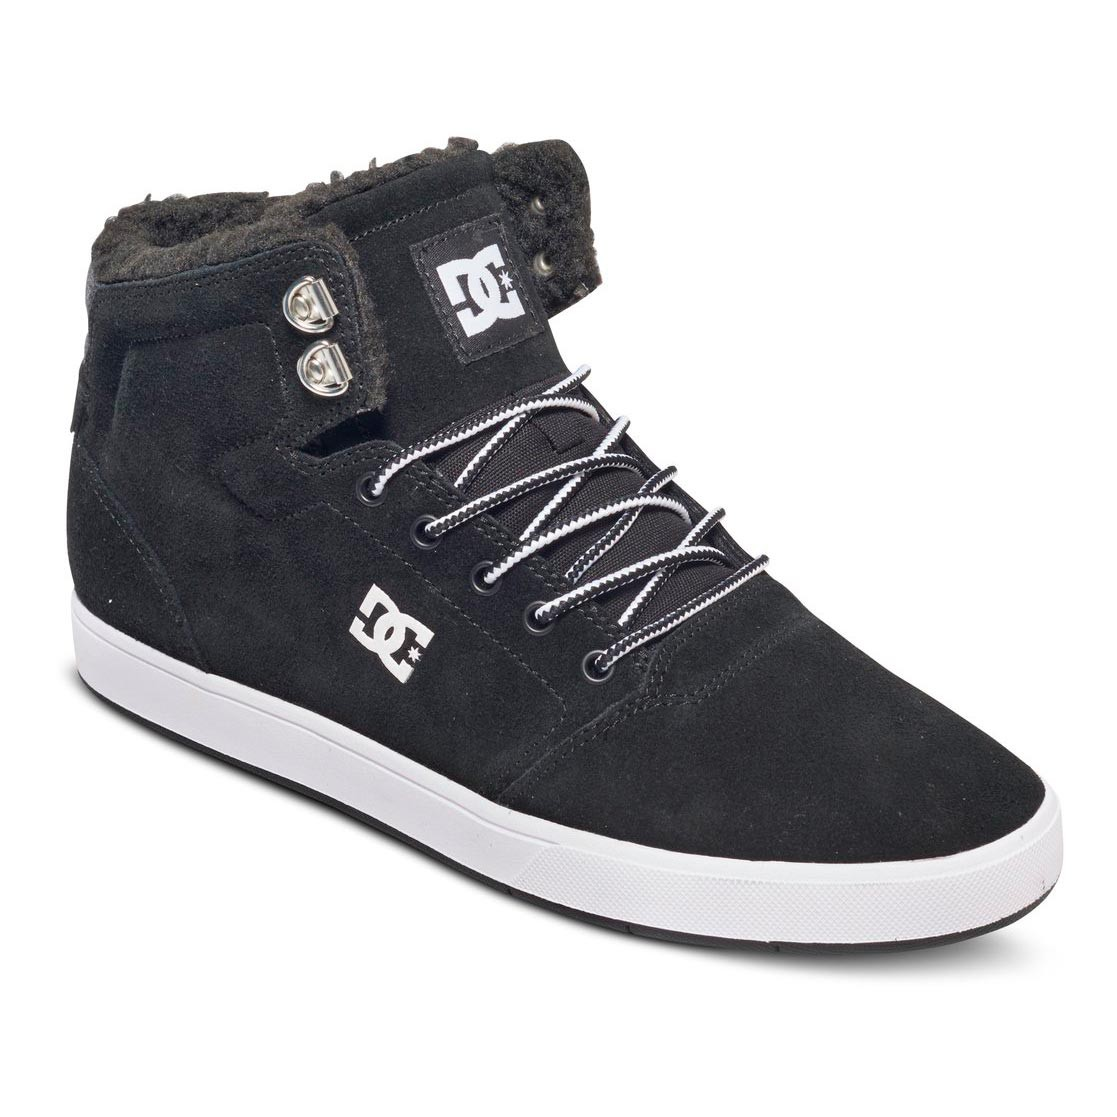 Zimní boty DC Crisis High Wnt black/white